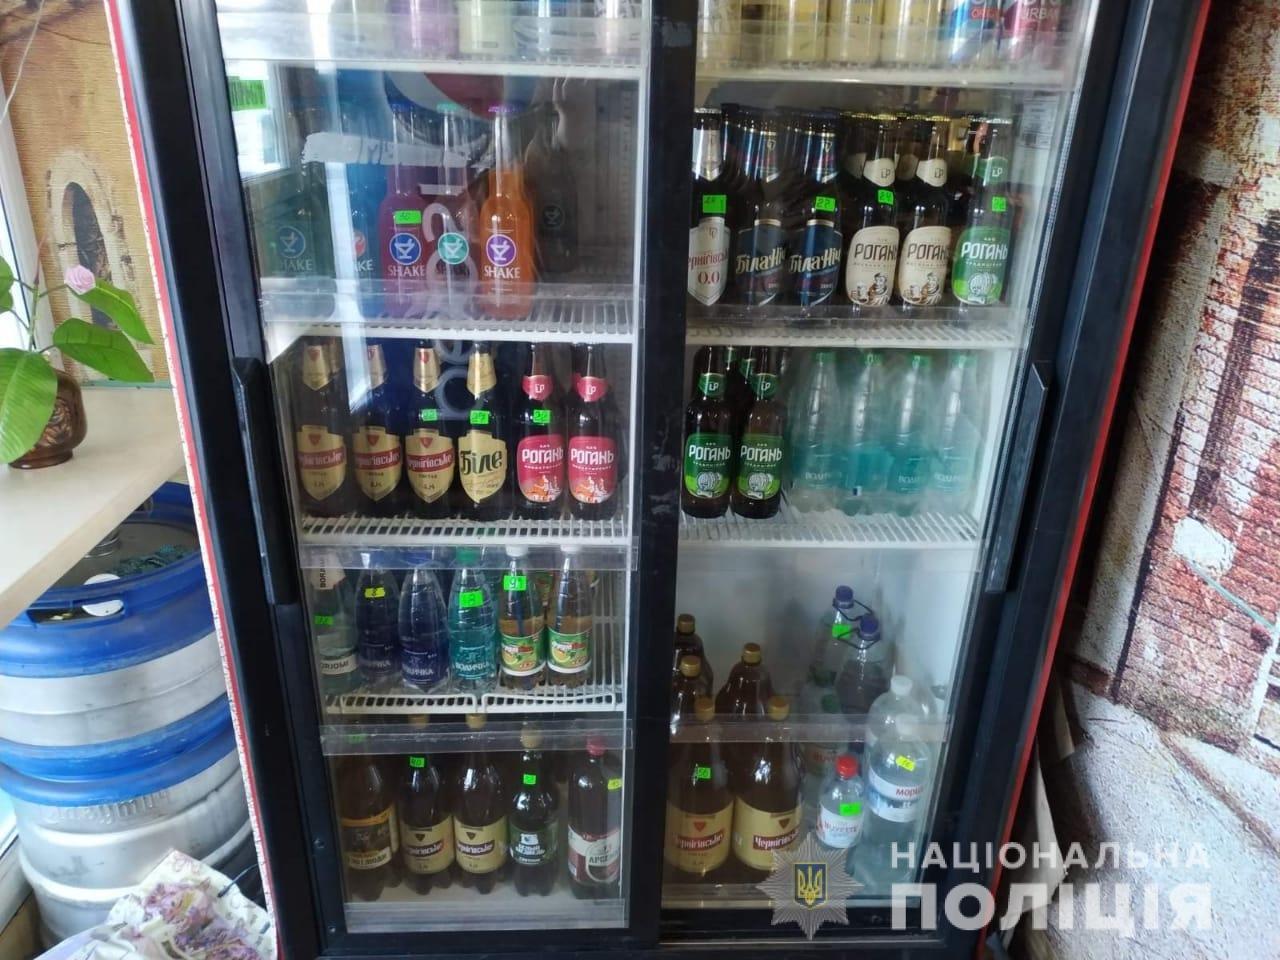 В Днепропетровской области изъяли более полутора сотни бутылок незаконного алкоголя, - ФОТО, фото-2